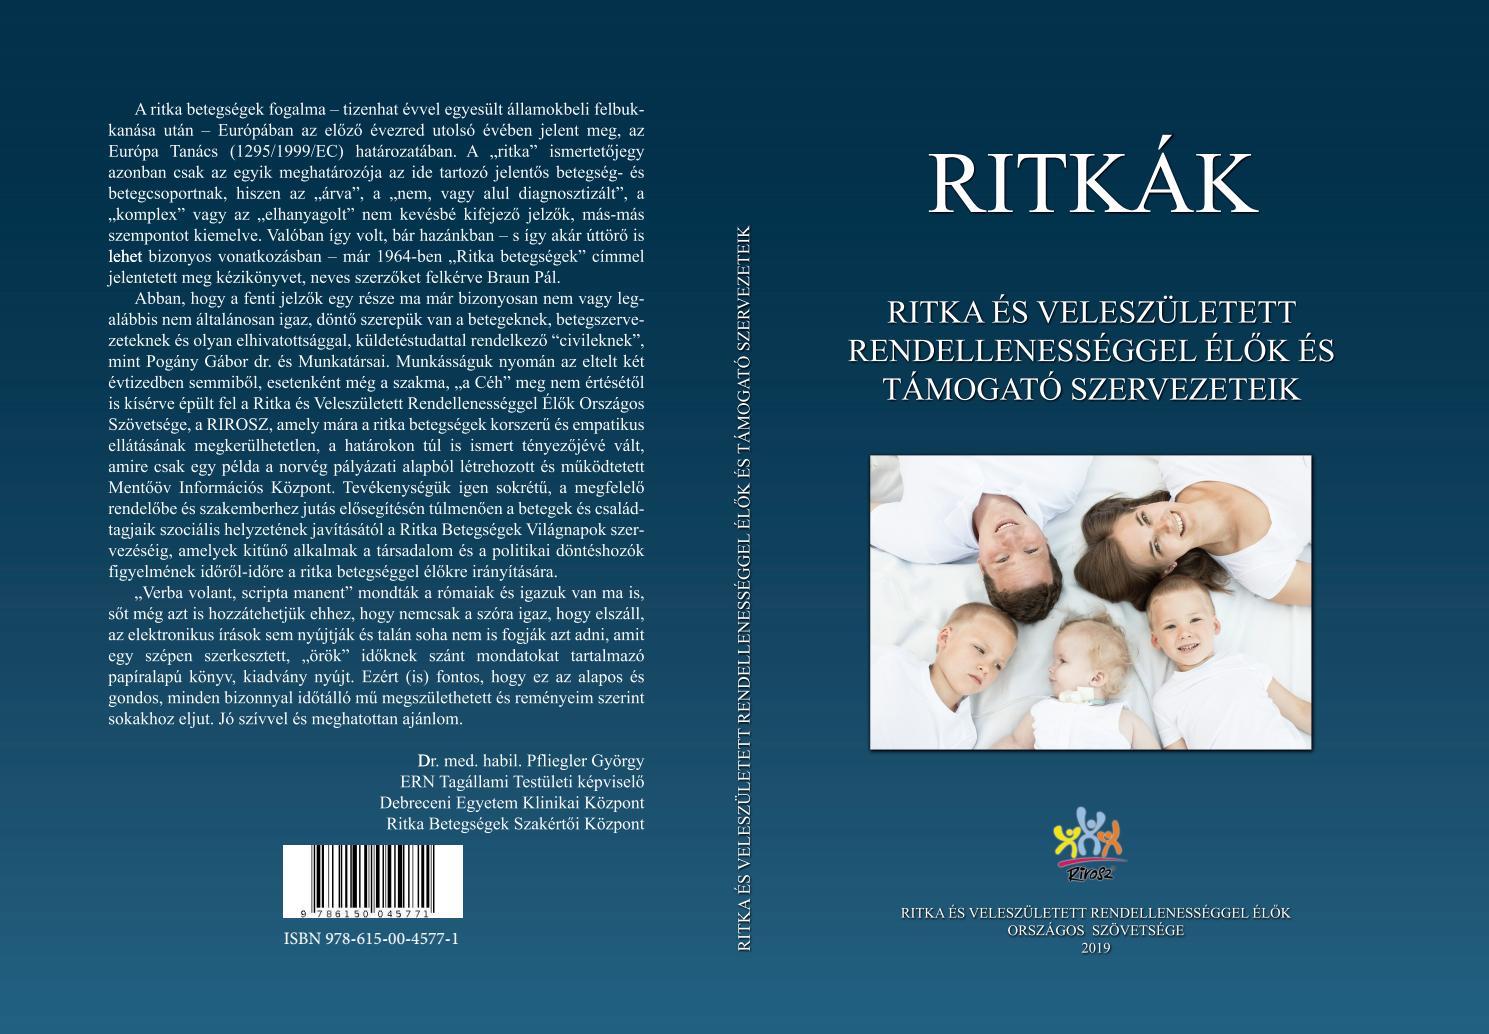 csont- és ízületi betegségekre vonatkozó referencia)